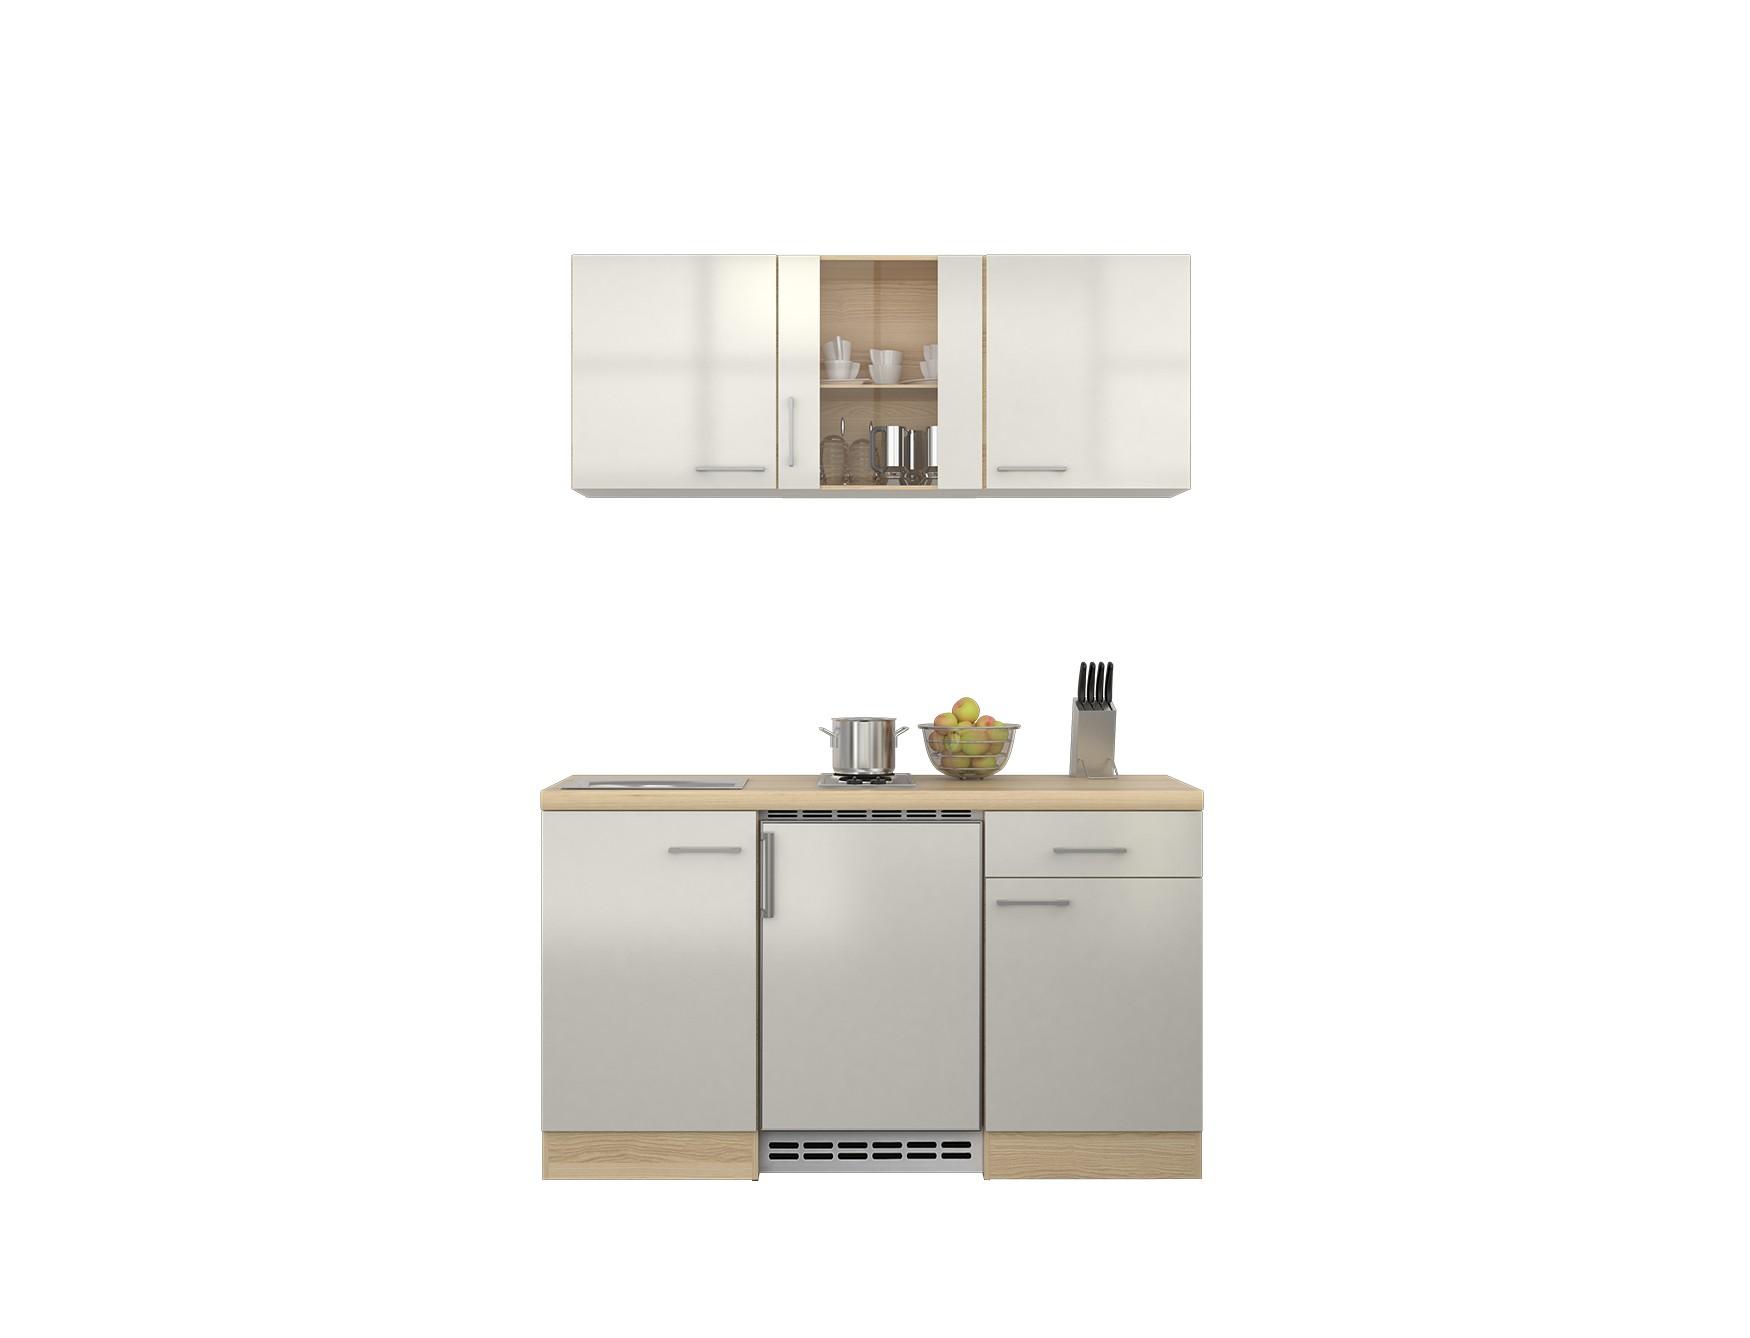 pantryk che florenz minik che mit unterbau k hlschrank singlek che 150 cm weiss ebay. Black Bedroom Furniture Sets. Home Design Ideas